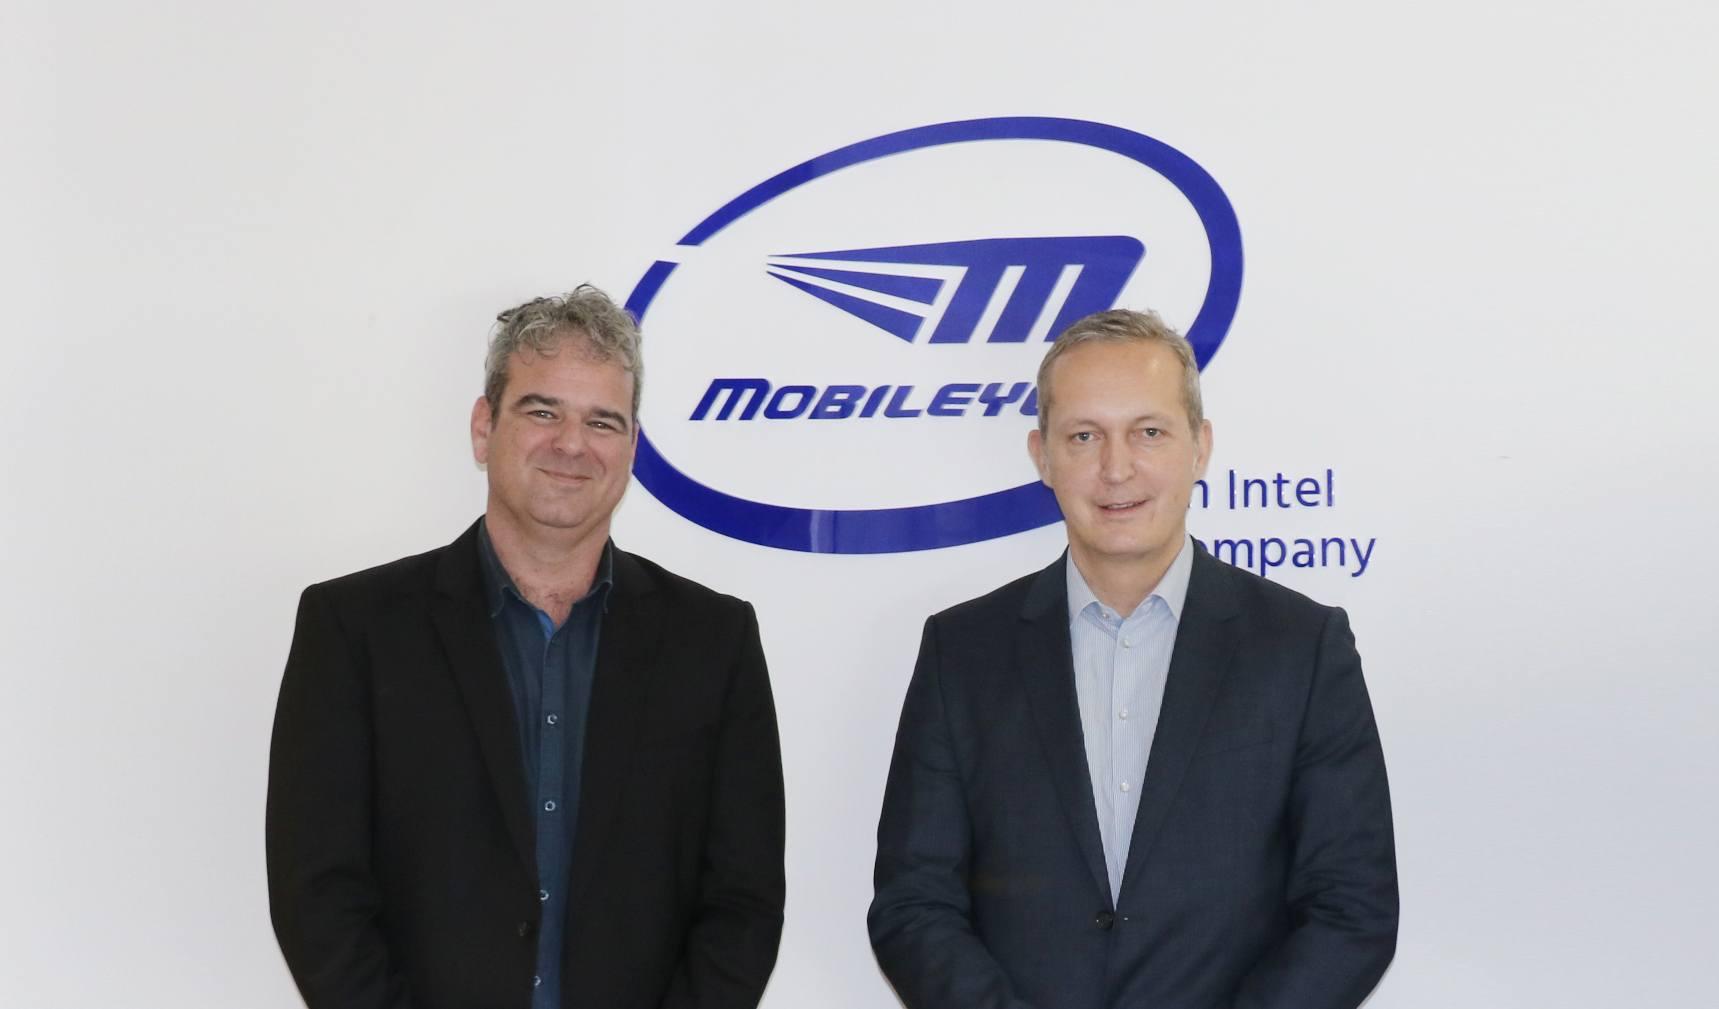 Alexander Wagner (Knorr-Bremse Systeme) & Lior Sethon (Mobileye)